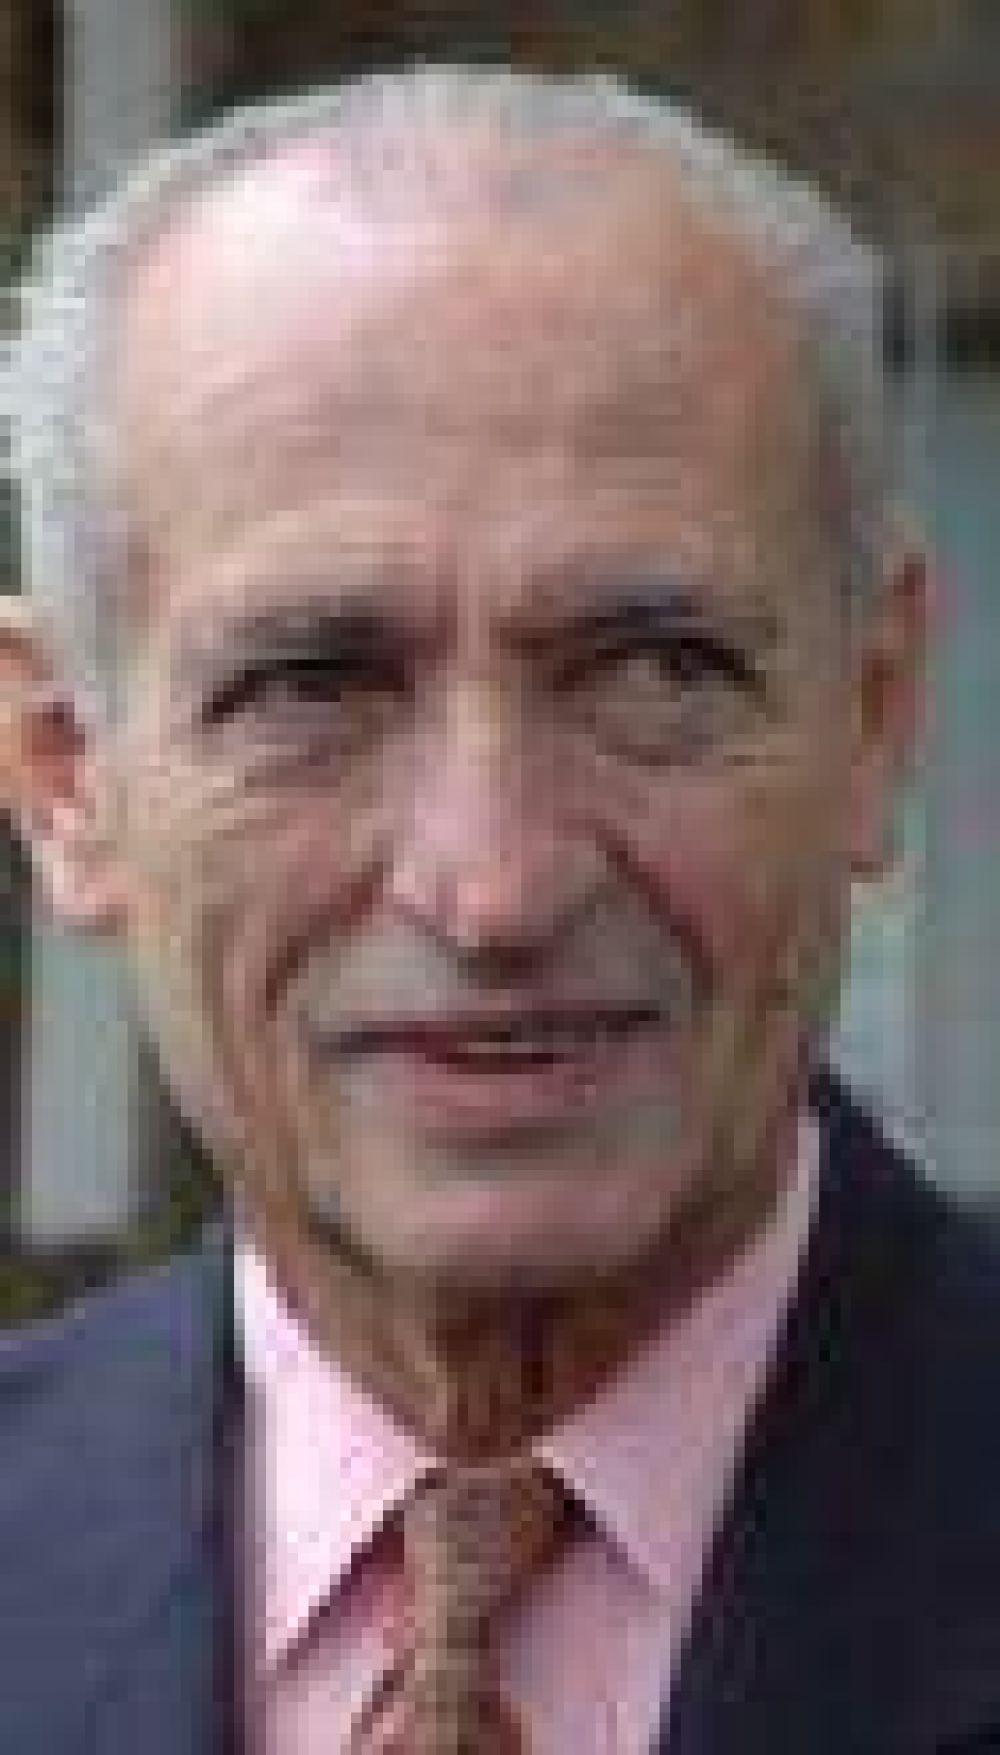 El urtubeycismo le pide a la Justicia Electoral que se adelante el congreso justicialista